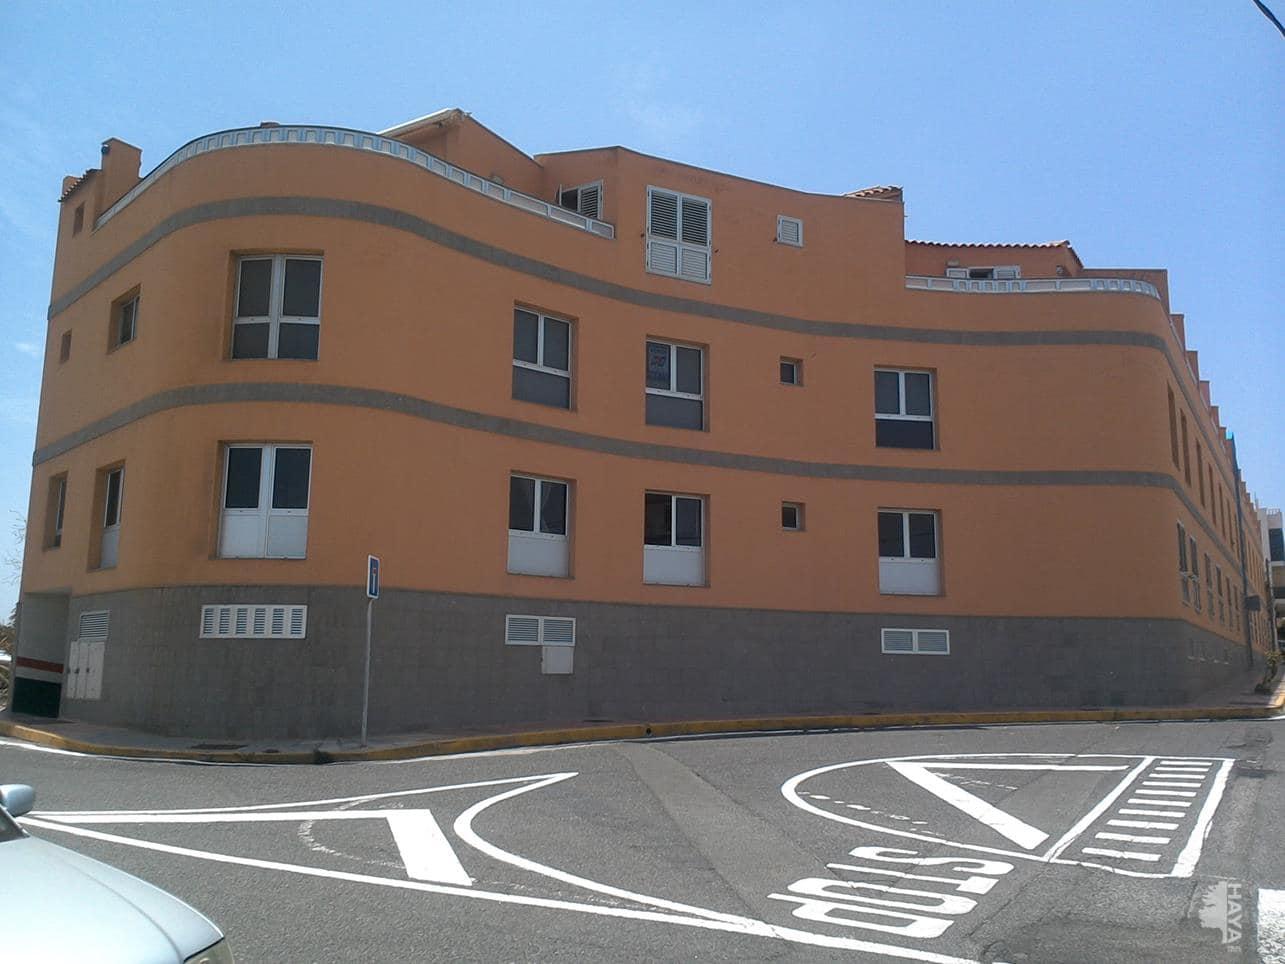 Piso en venta en Telde, Las Palmas, Calle Canovas del Castillo, 79.000 €, 3 habitaciones, 1 baño, 90 m2